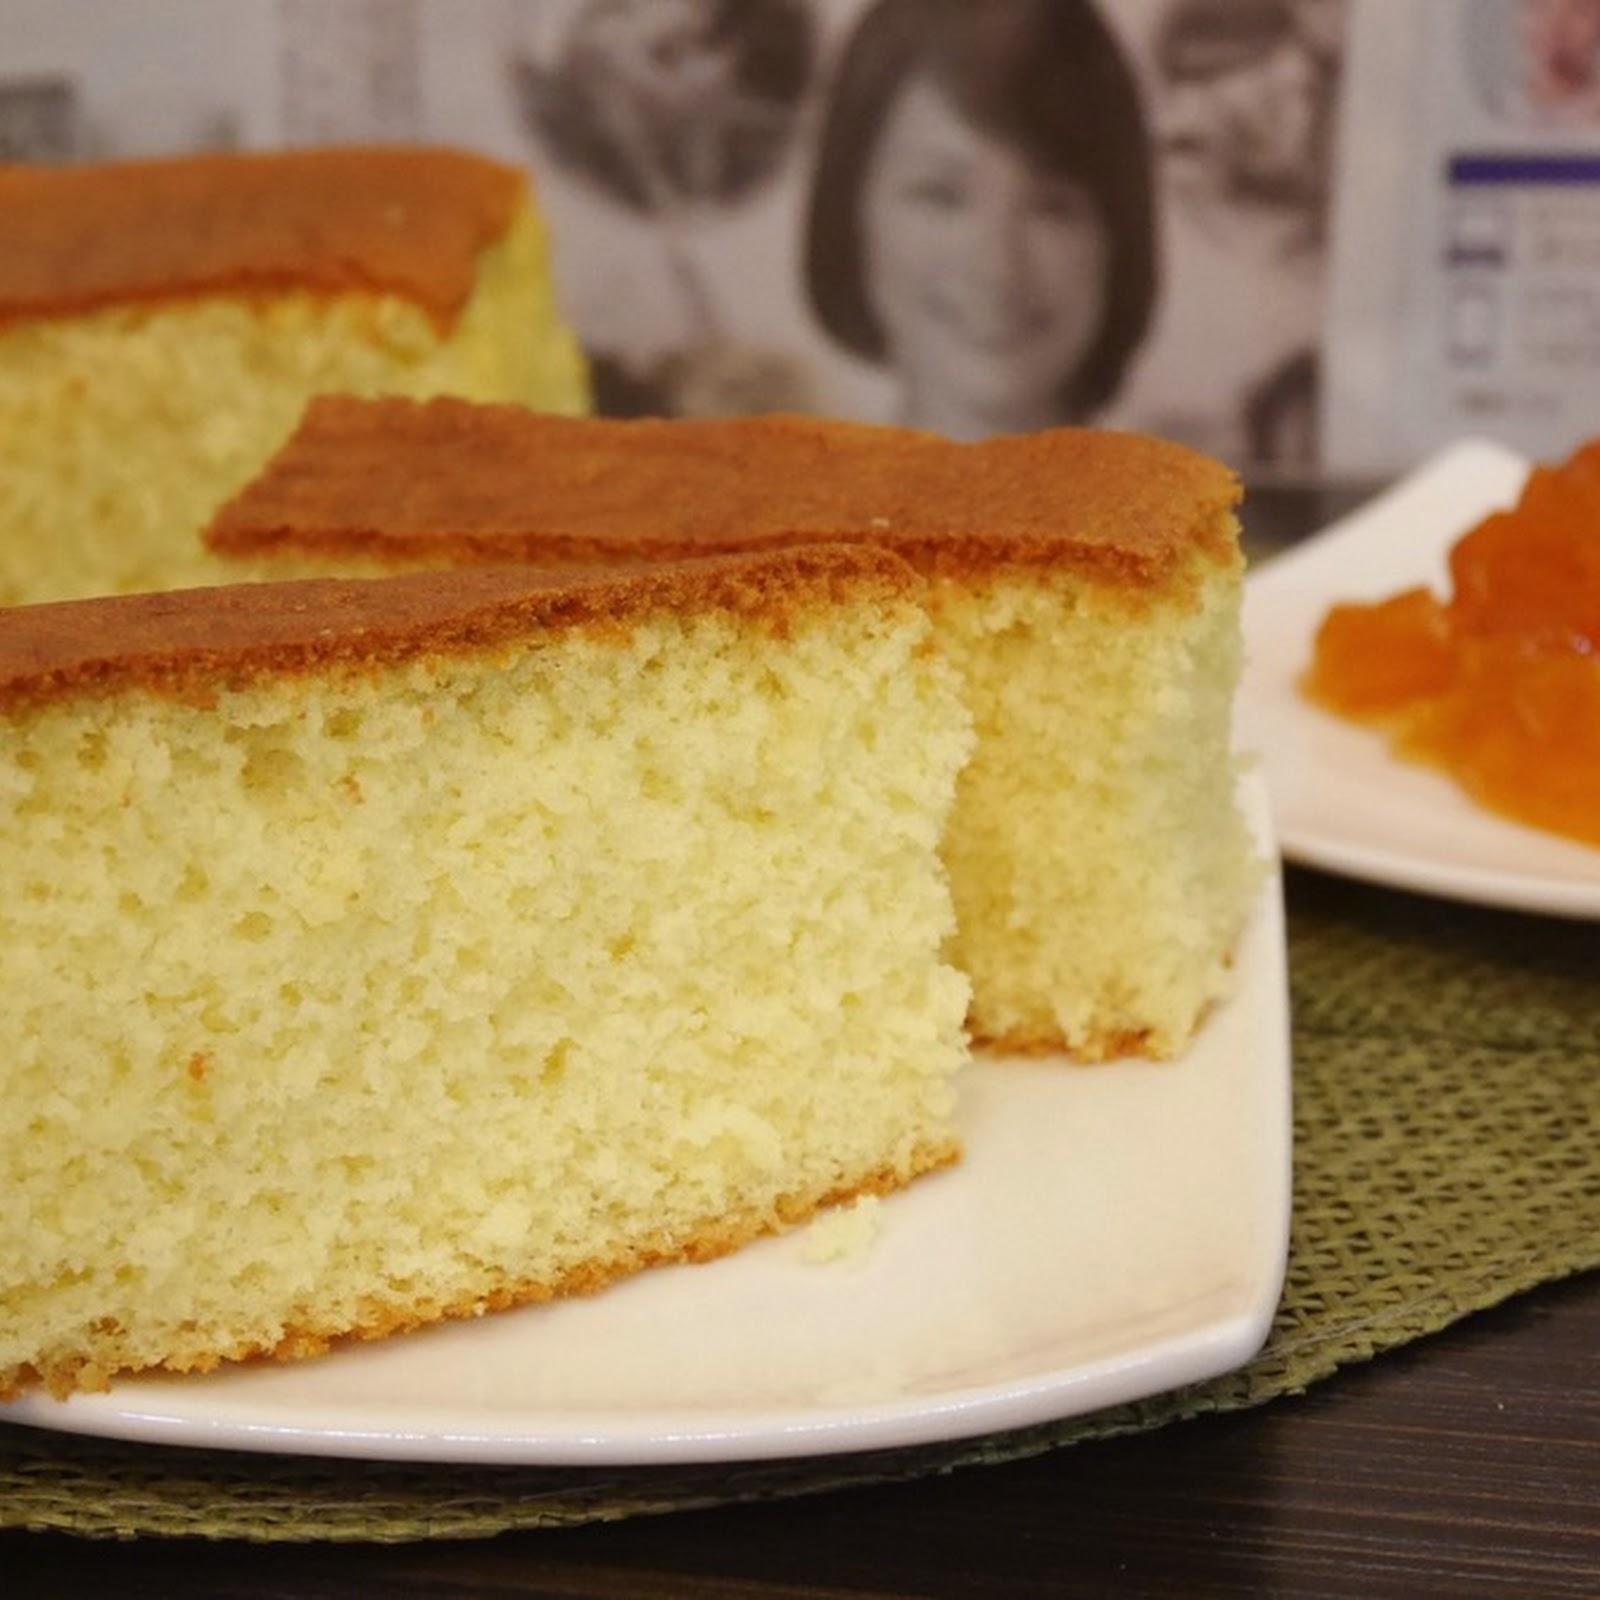 金桔蜜蛋糕 Kumquat Honey Cake 【老娘的草根飯堂】